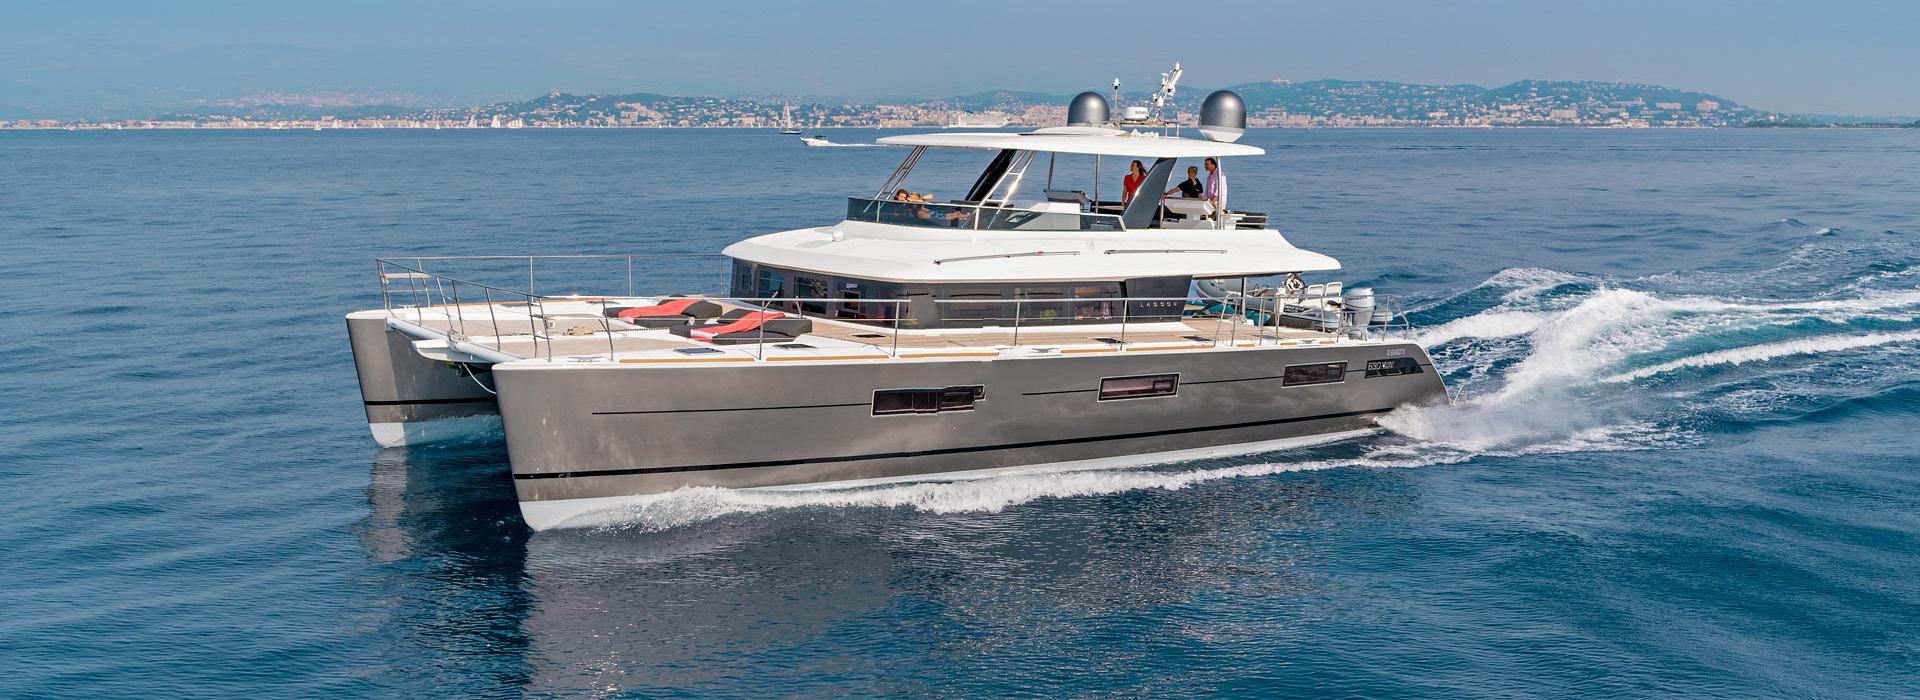 Lagoon catamaran VIGILANT 1 - Main shot